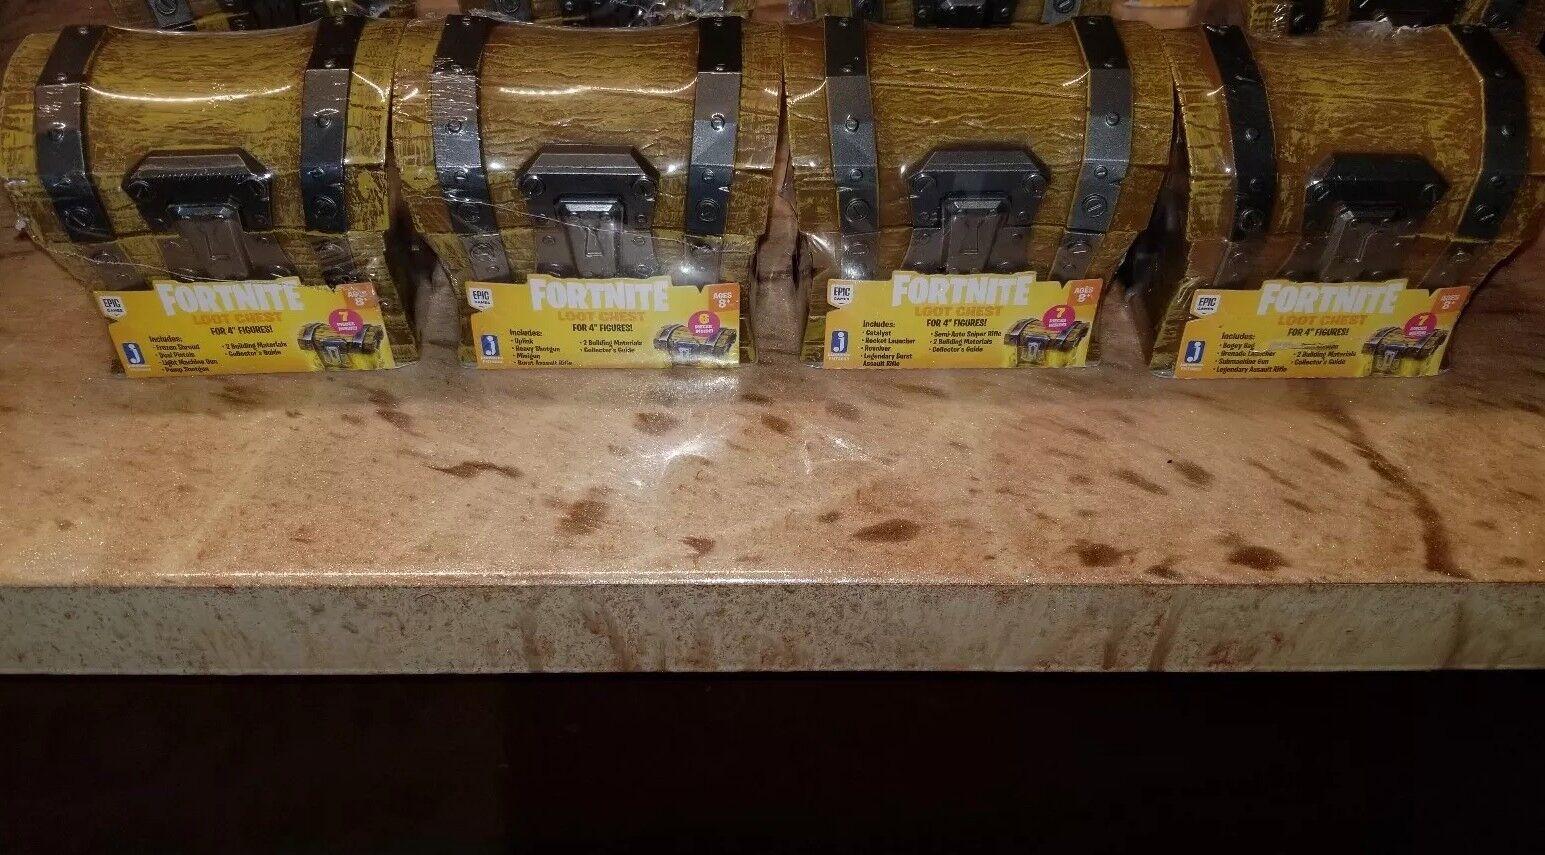 Lote de 4 fortnite botín pecho cofres para 4 Figuras Juguetes 4 diferentes en el pecho